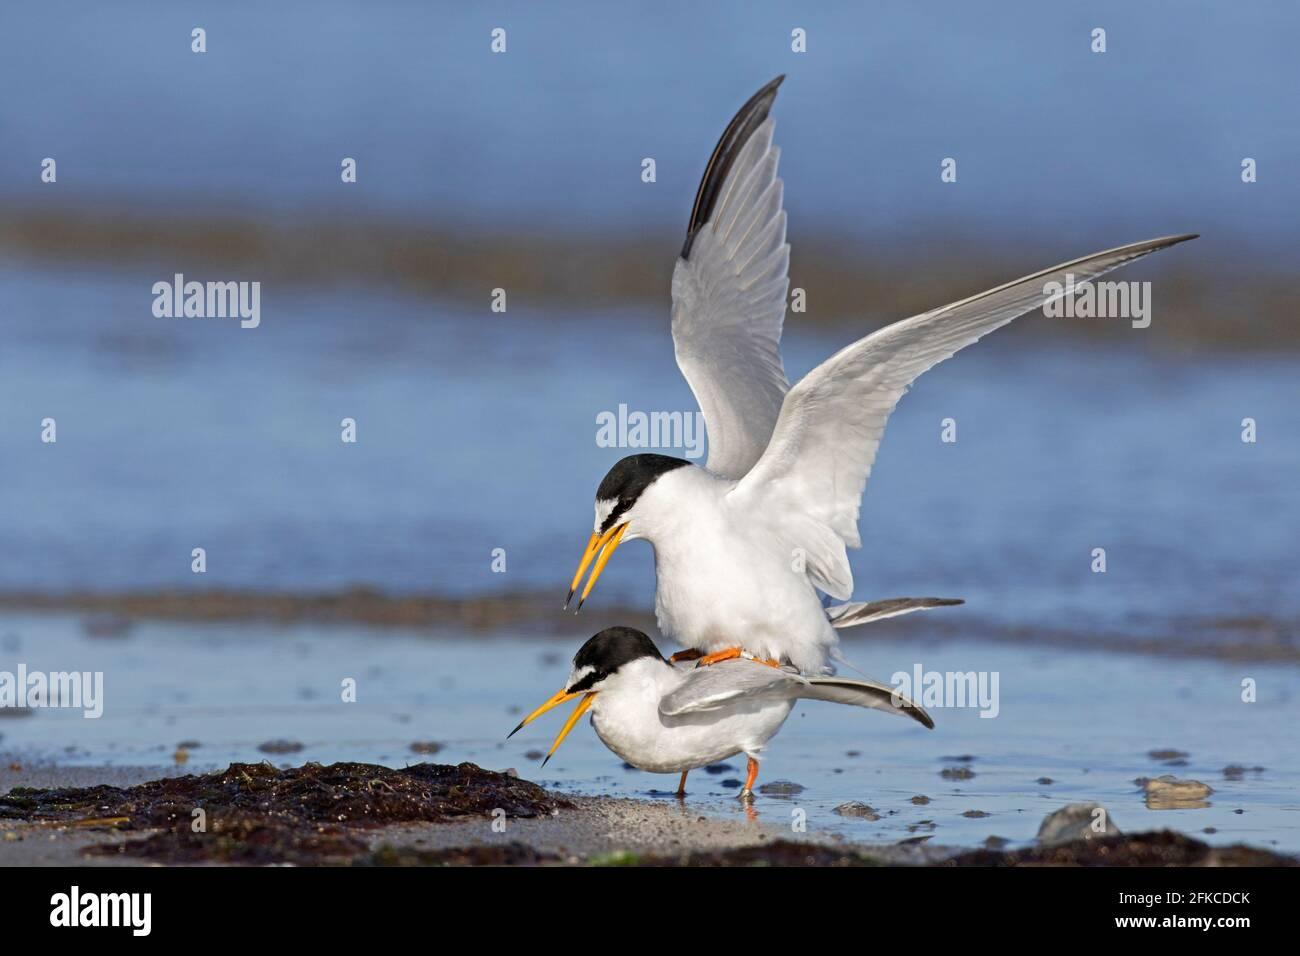 Petites sternes (Sternula albifrons / Sterna albifrons) copulation / accouplement, petite sterne mâle montage femelle sur la plage Banque D'Images